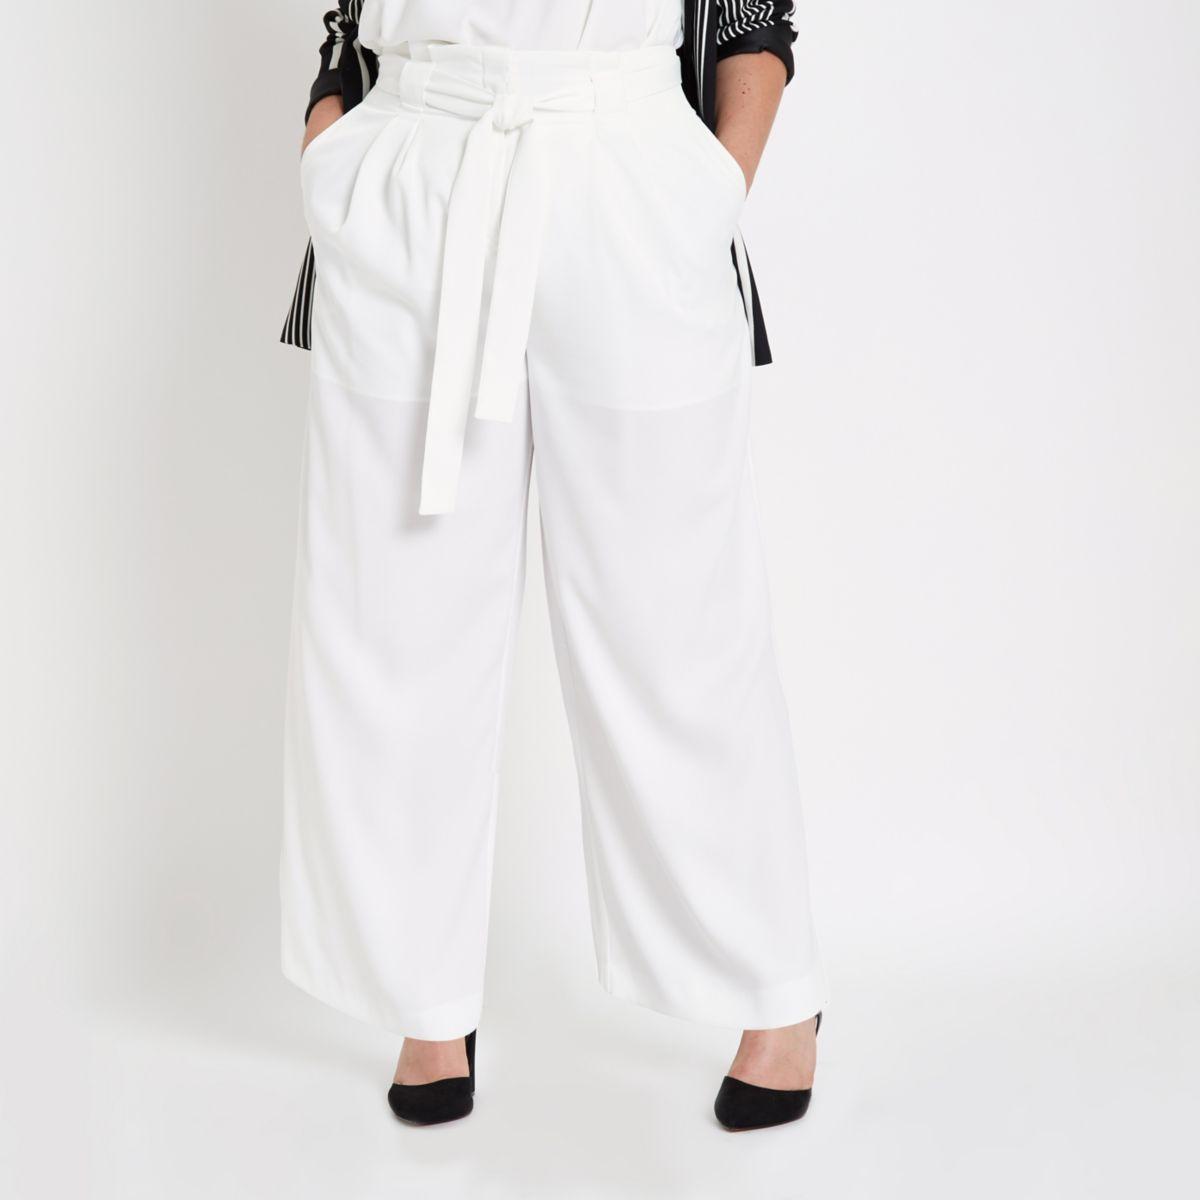 Plus – Weiße Hose mit weitem Beinschnitt